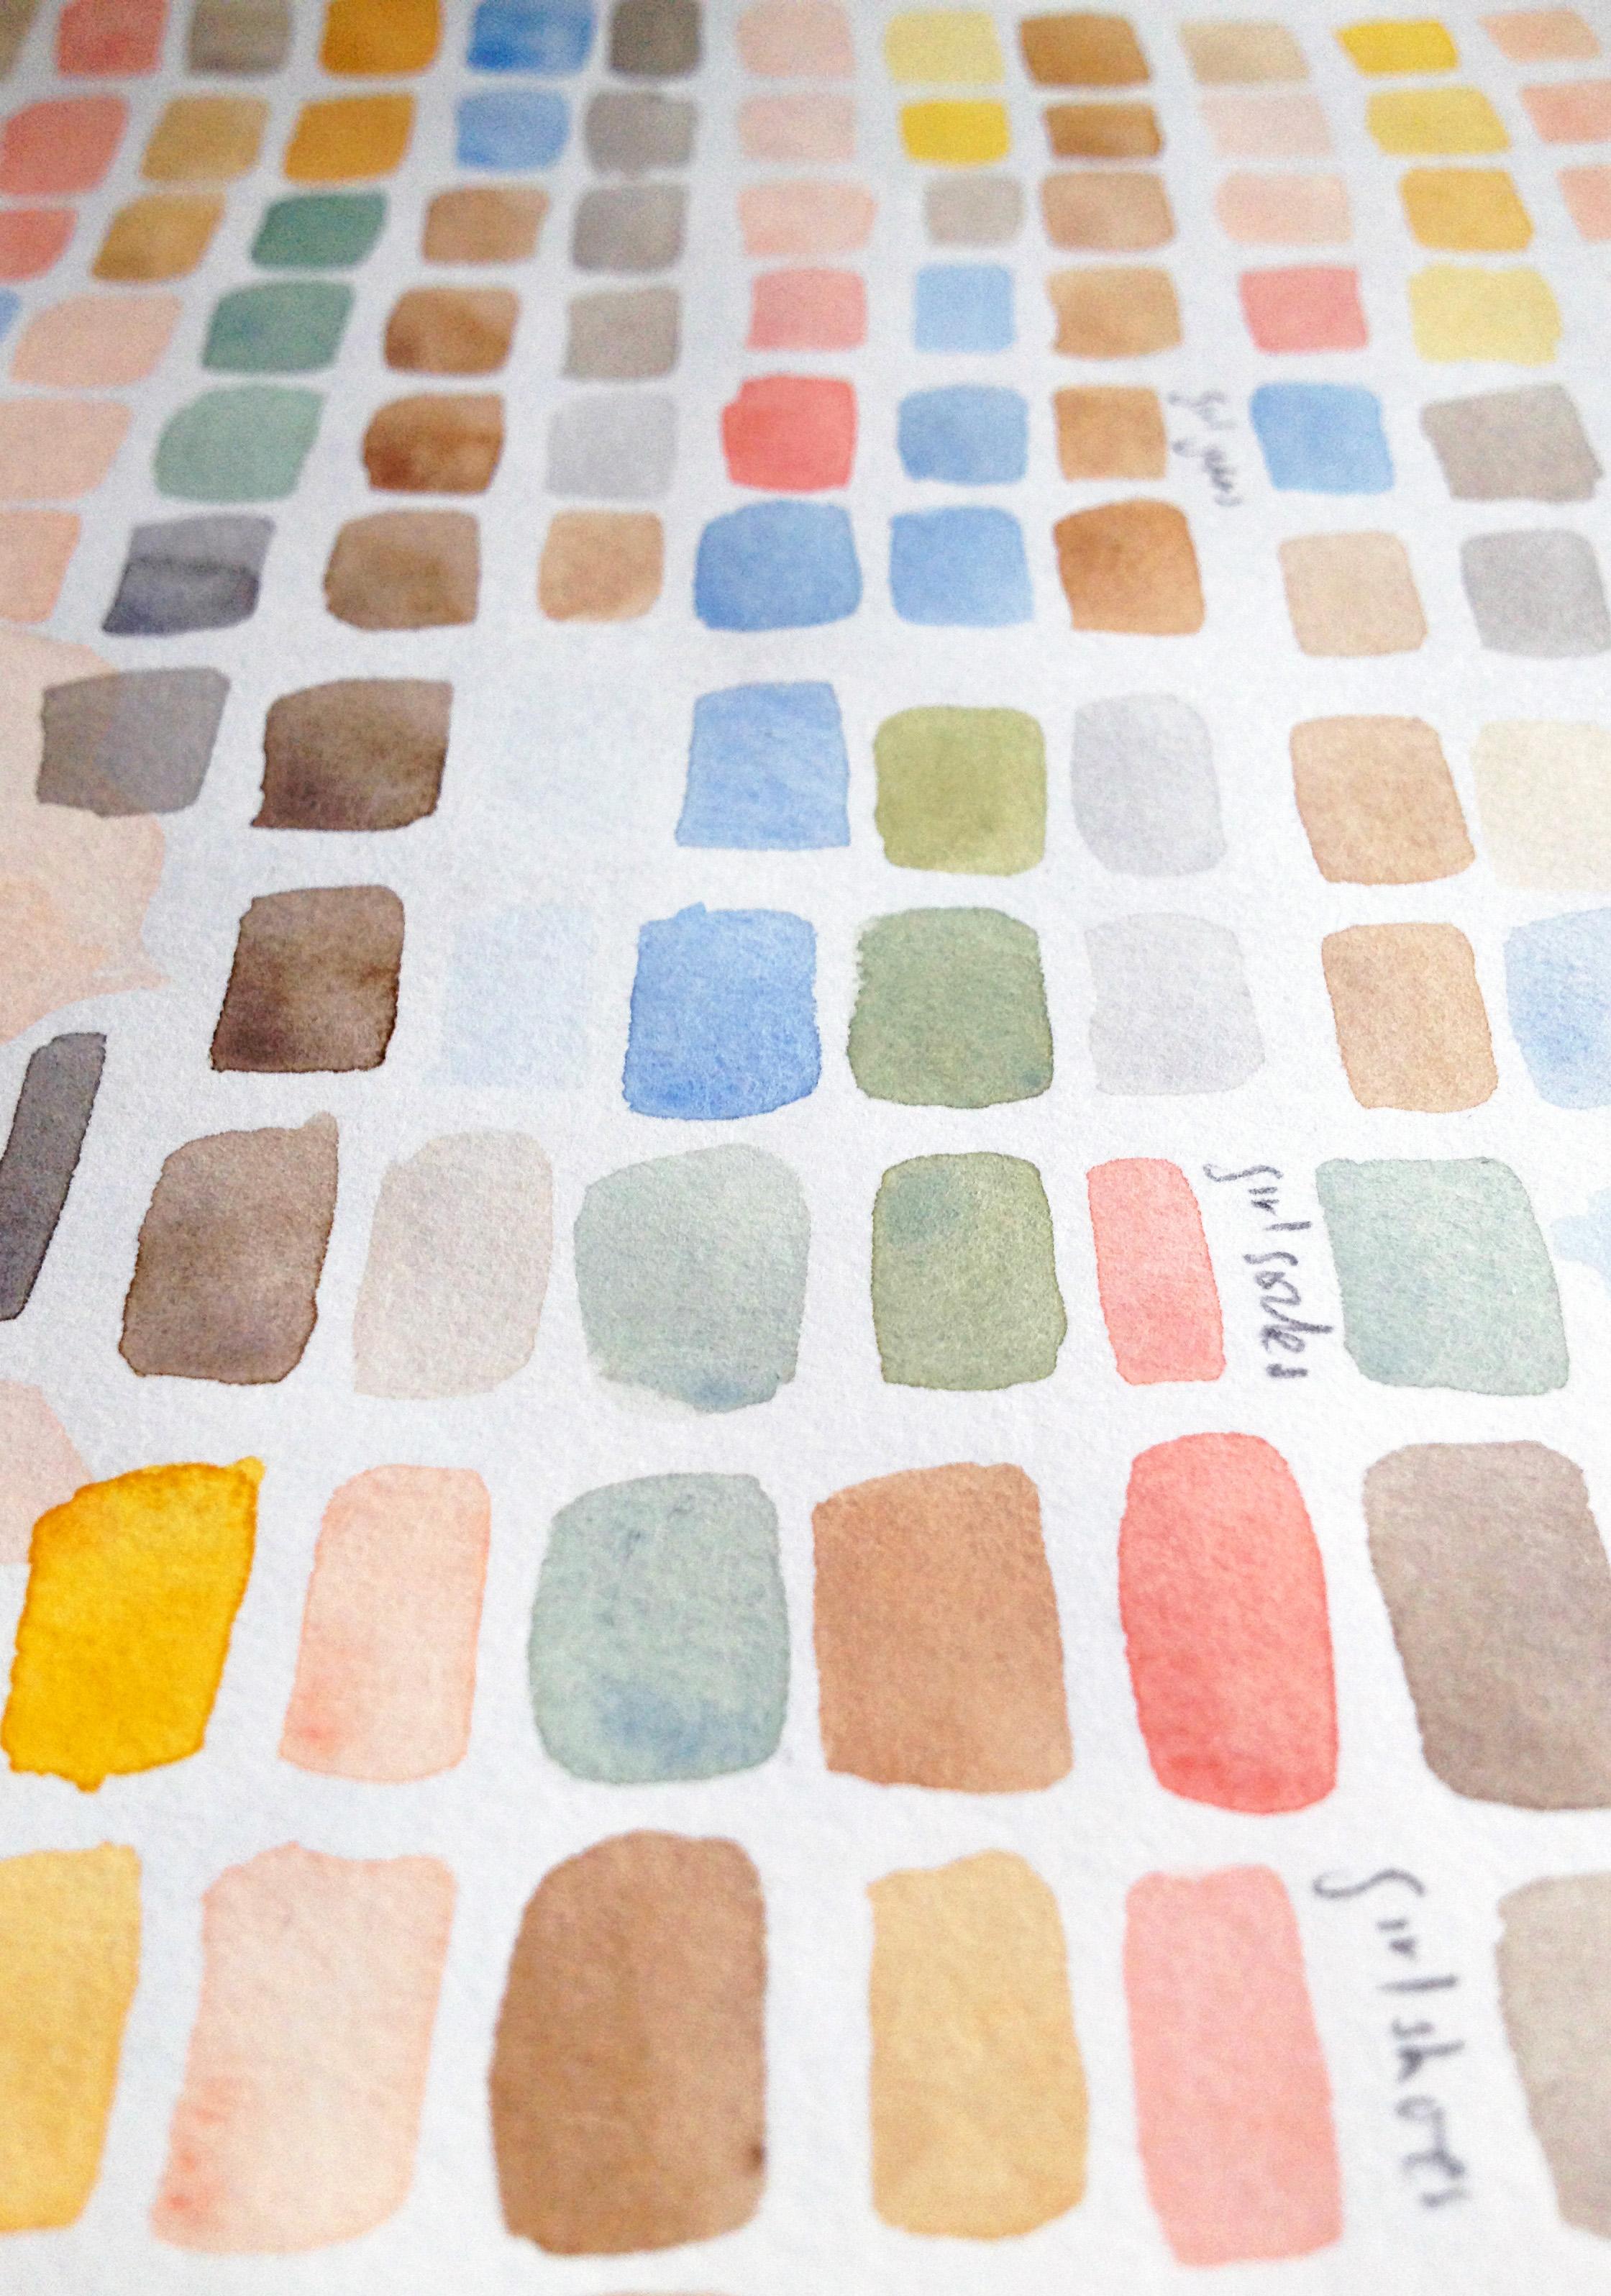 Ailsa_Burrows_Colour_Palette